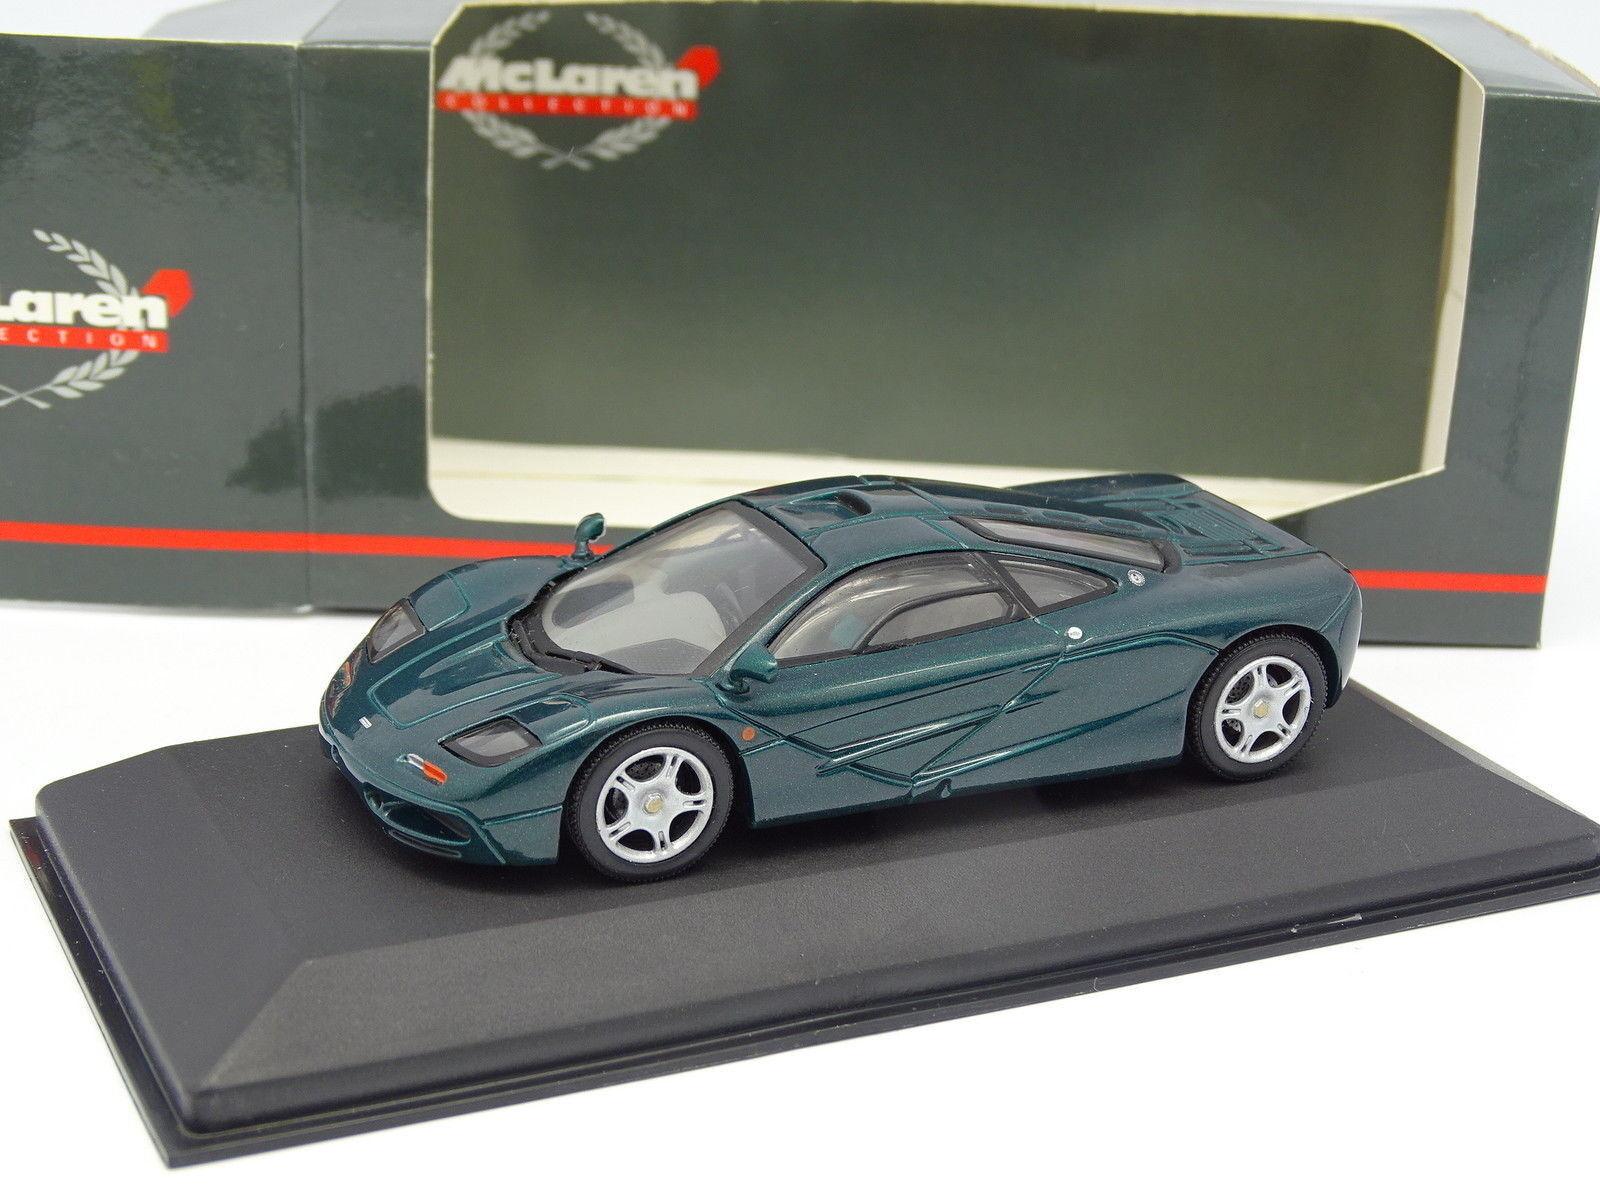 Minichamps 1 43 - McLaren F1 GTR 1995 Verte